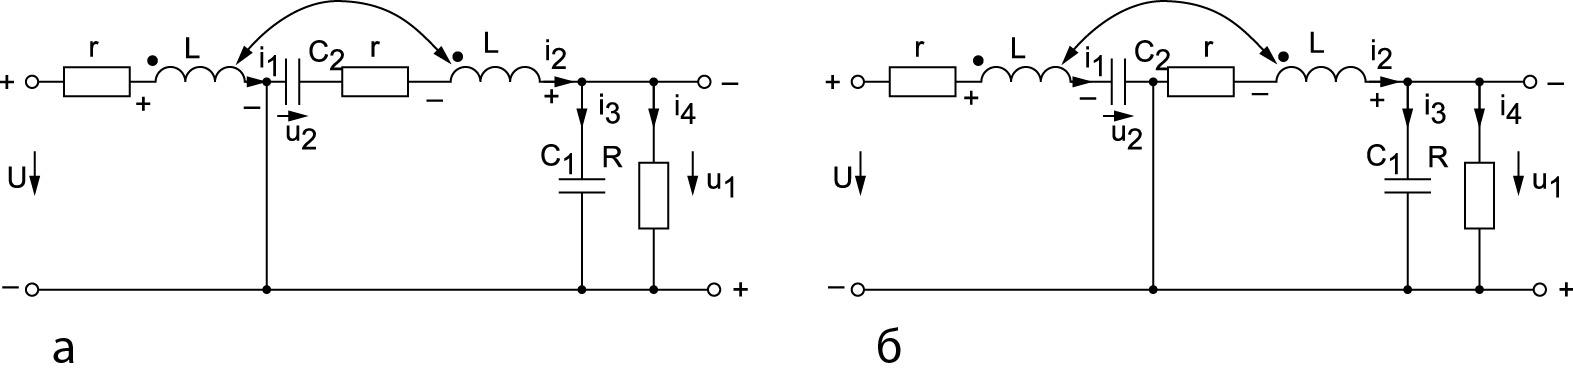 Полярности напряжений на элементах схемы Чука при пуске